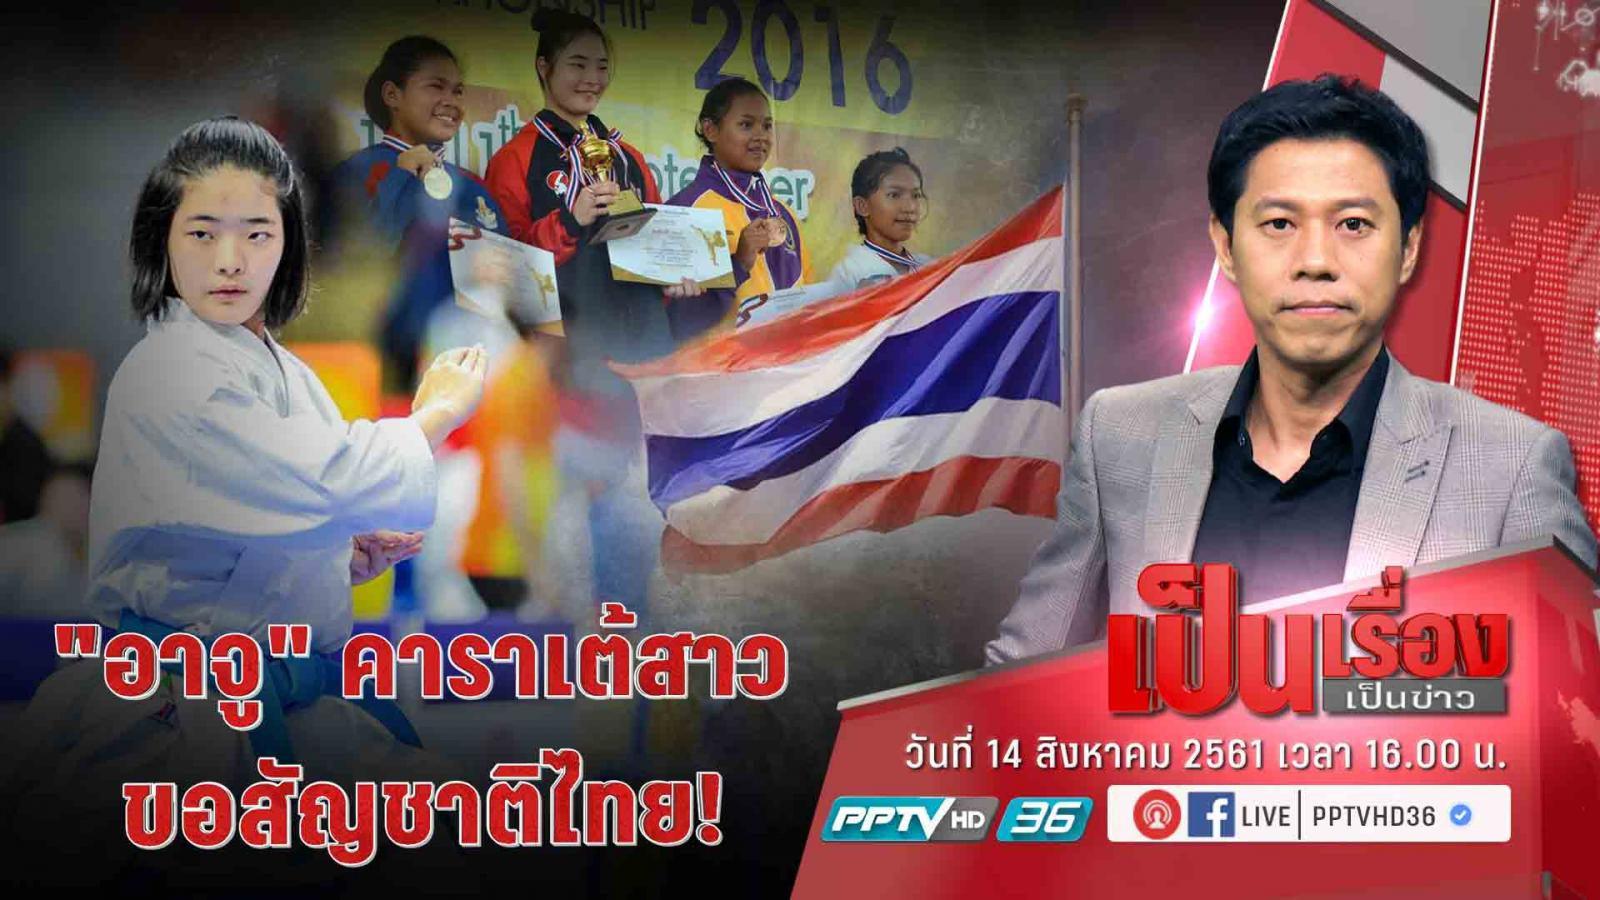 """""""โค้ช"""" พร้อมรับ """"น้องอาจู"""" เป็น """"บุตรบุญธรรม"""" เพื่อได้สัญชาติไทยลงแข่งคาราเต้ทีมชาติสร้างชื่อให้ประเทศ"""